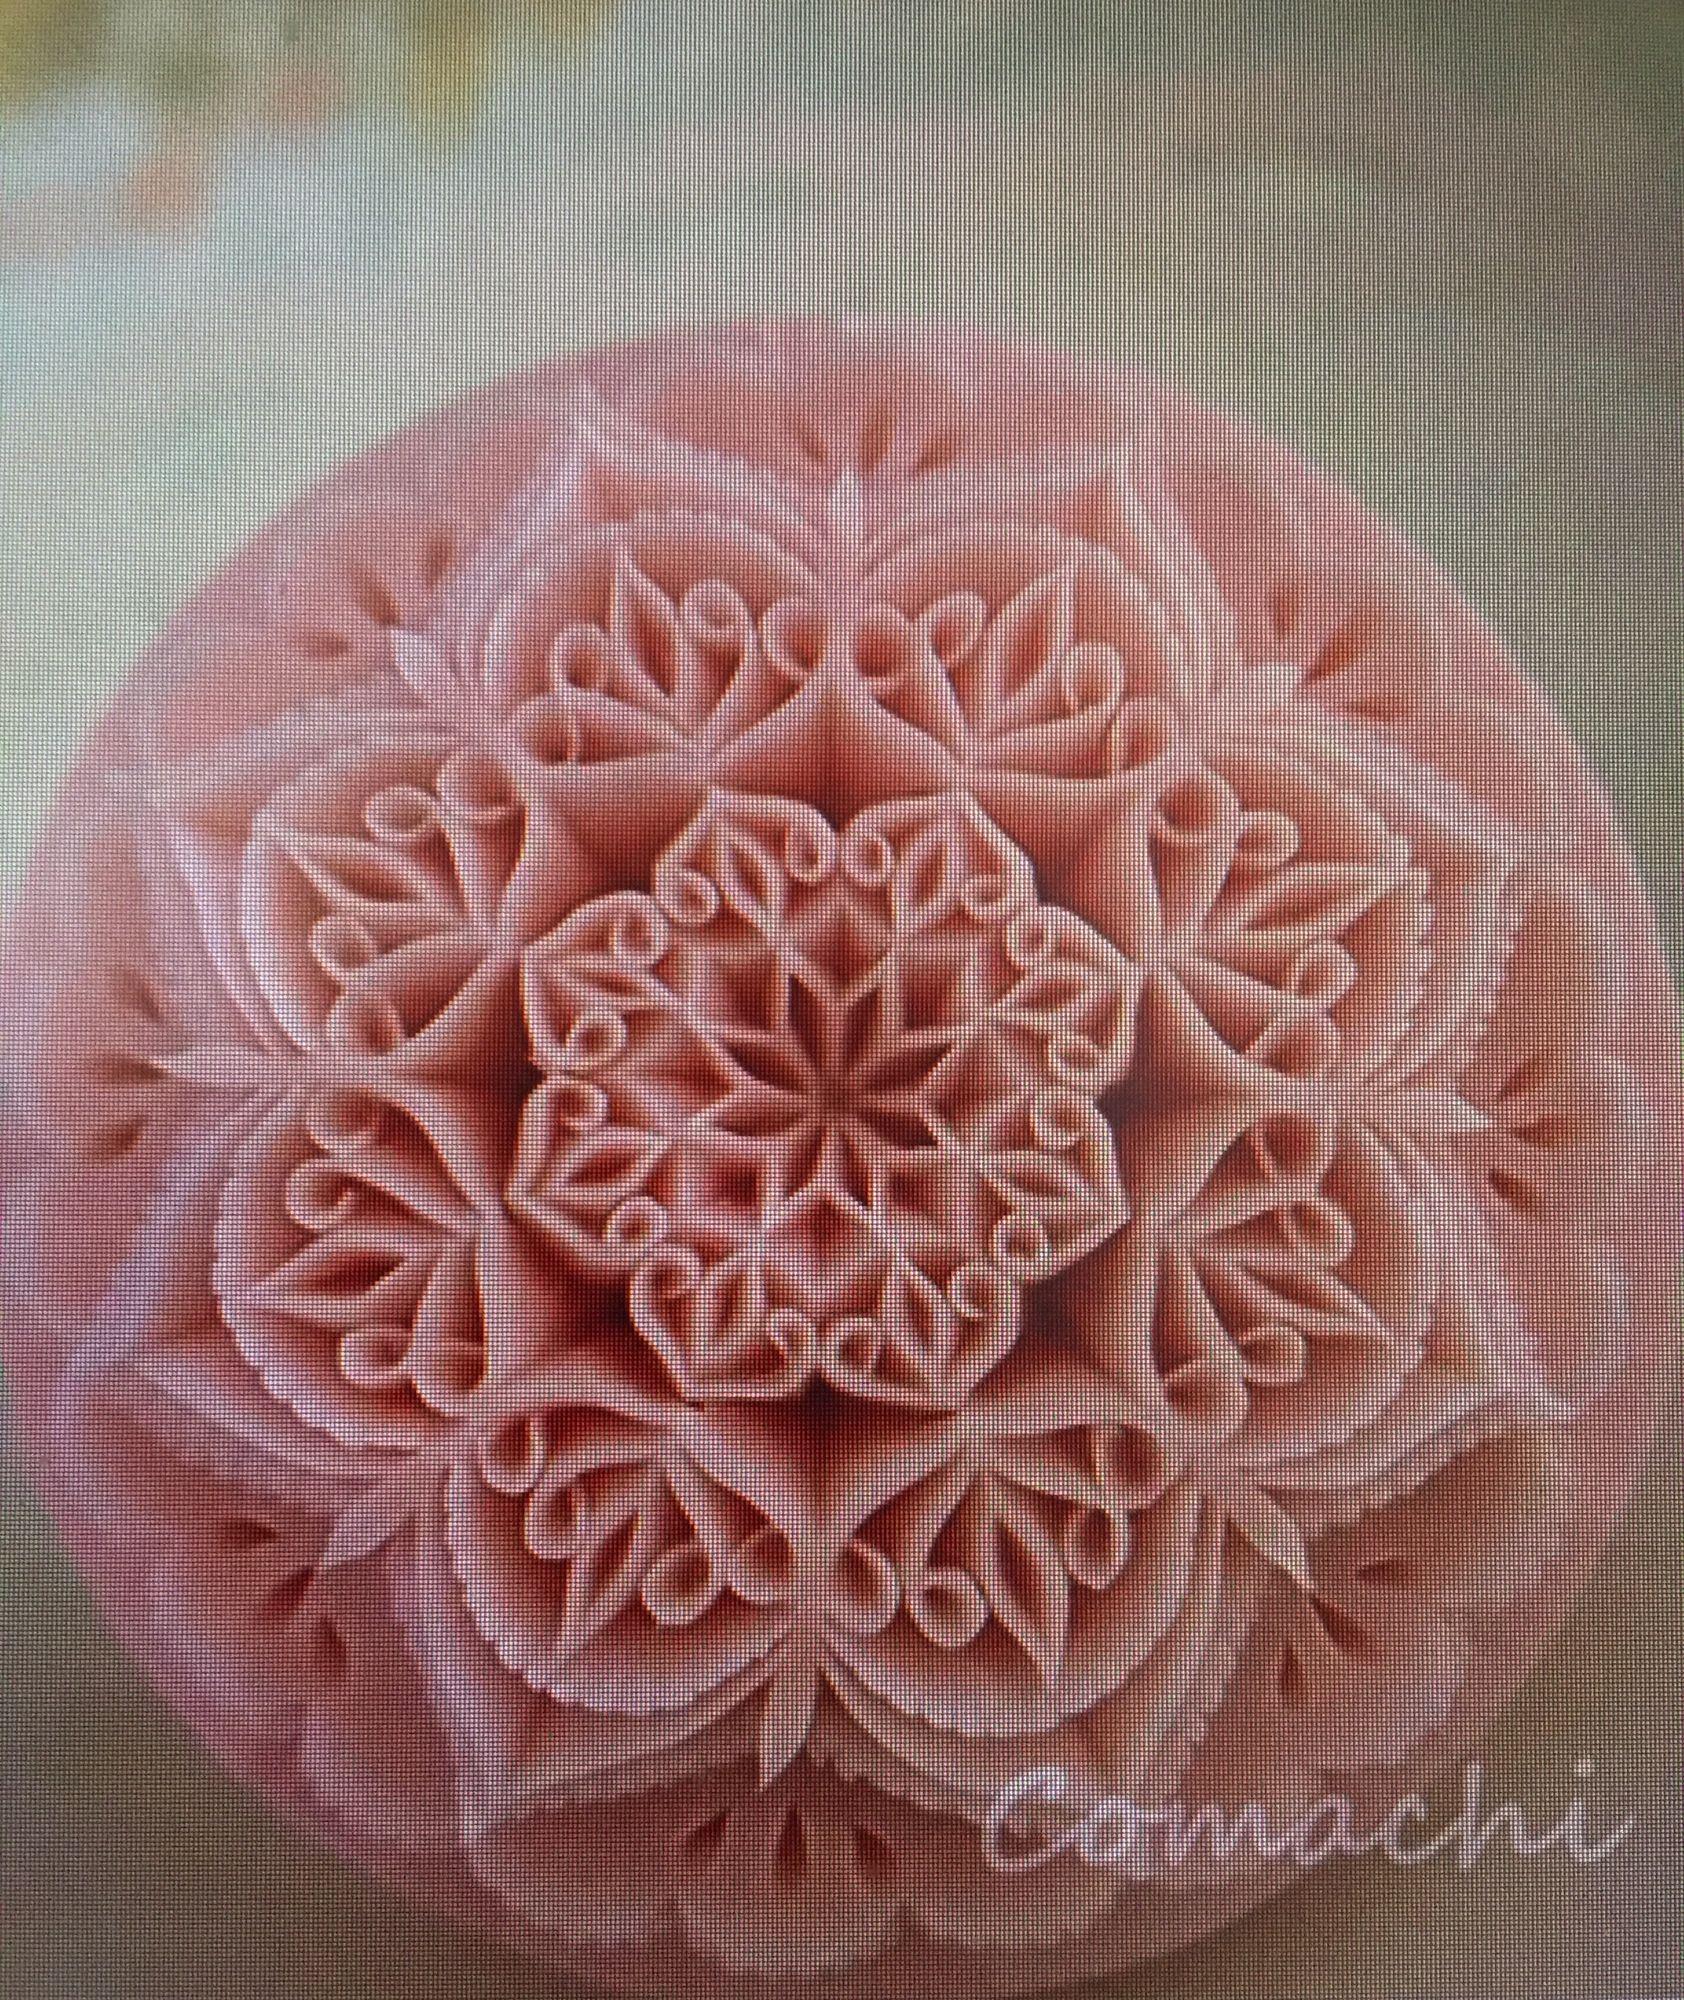 ソープカービングsoap carving workcraft石鹸彫刻soap flower 수박